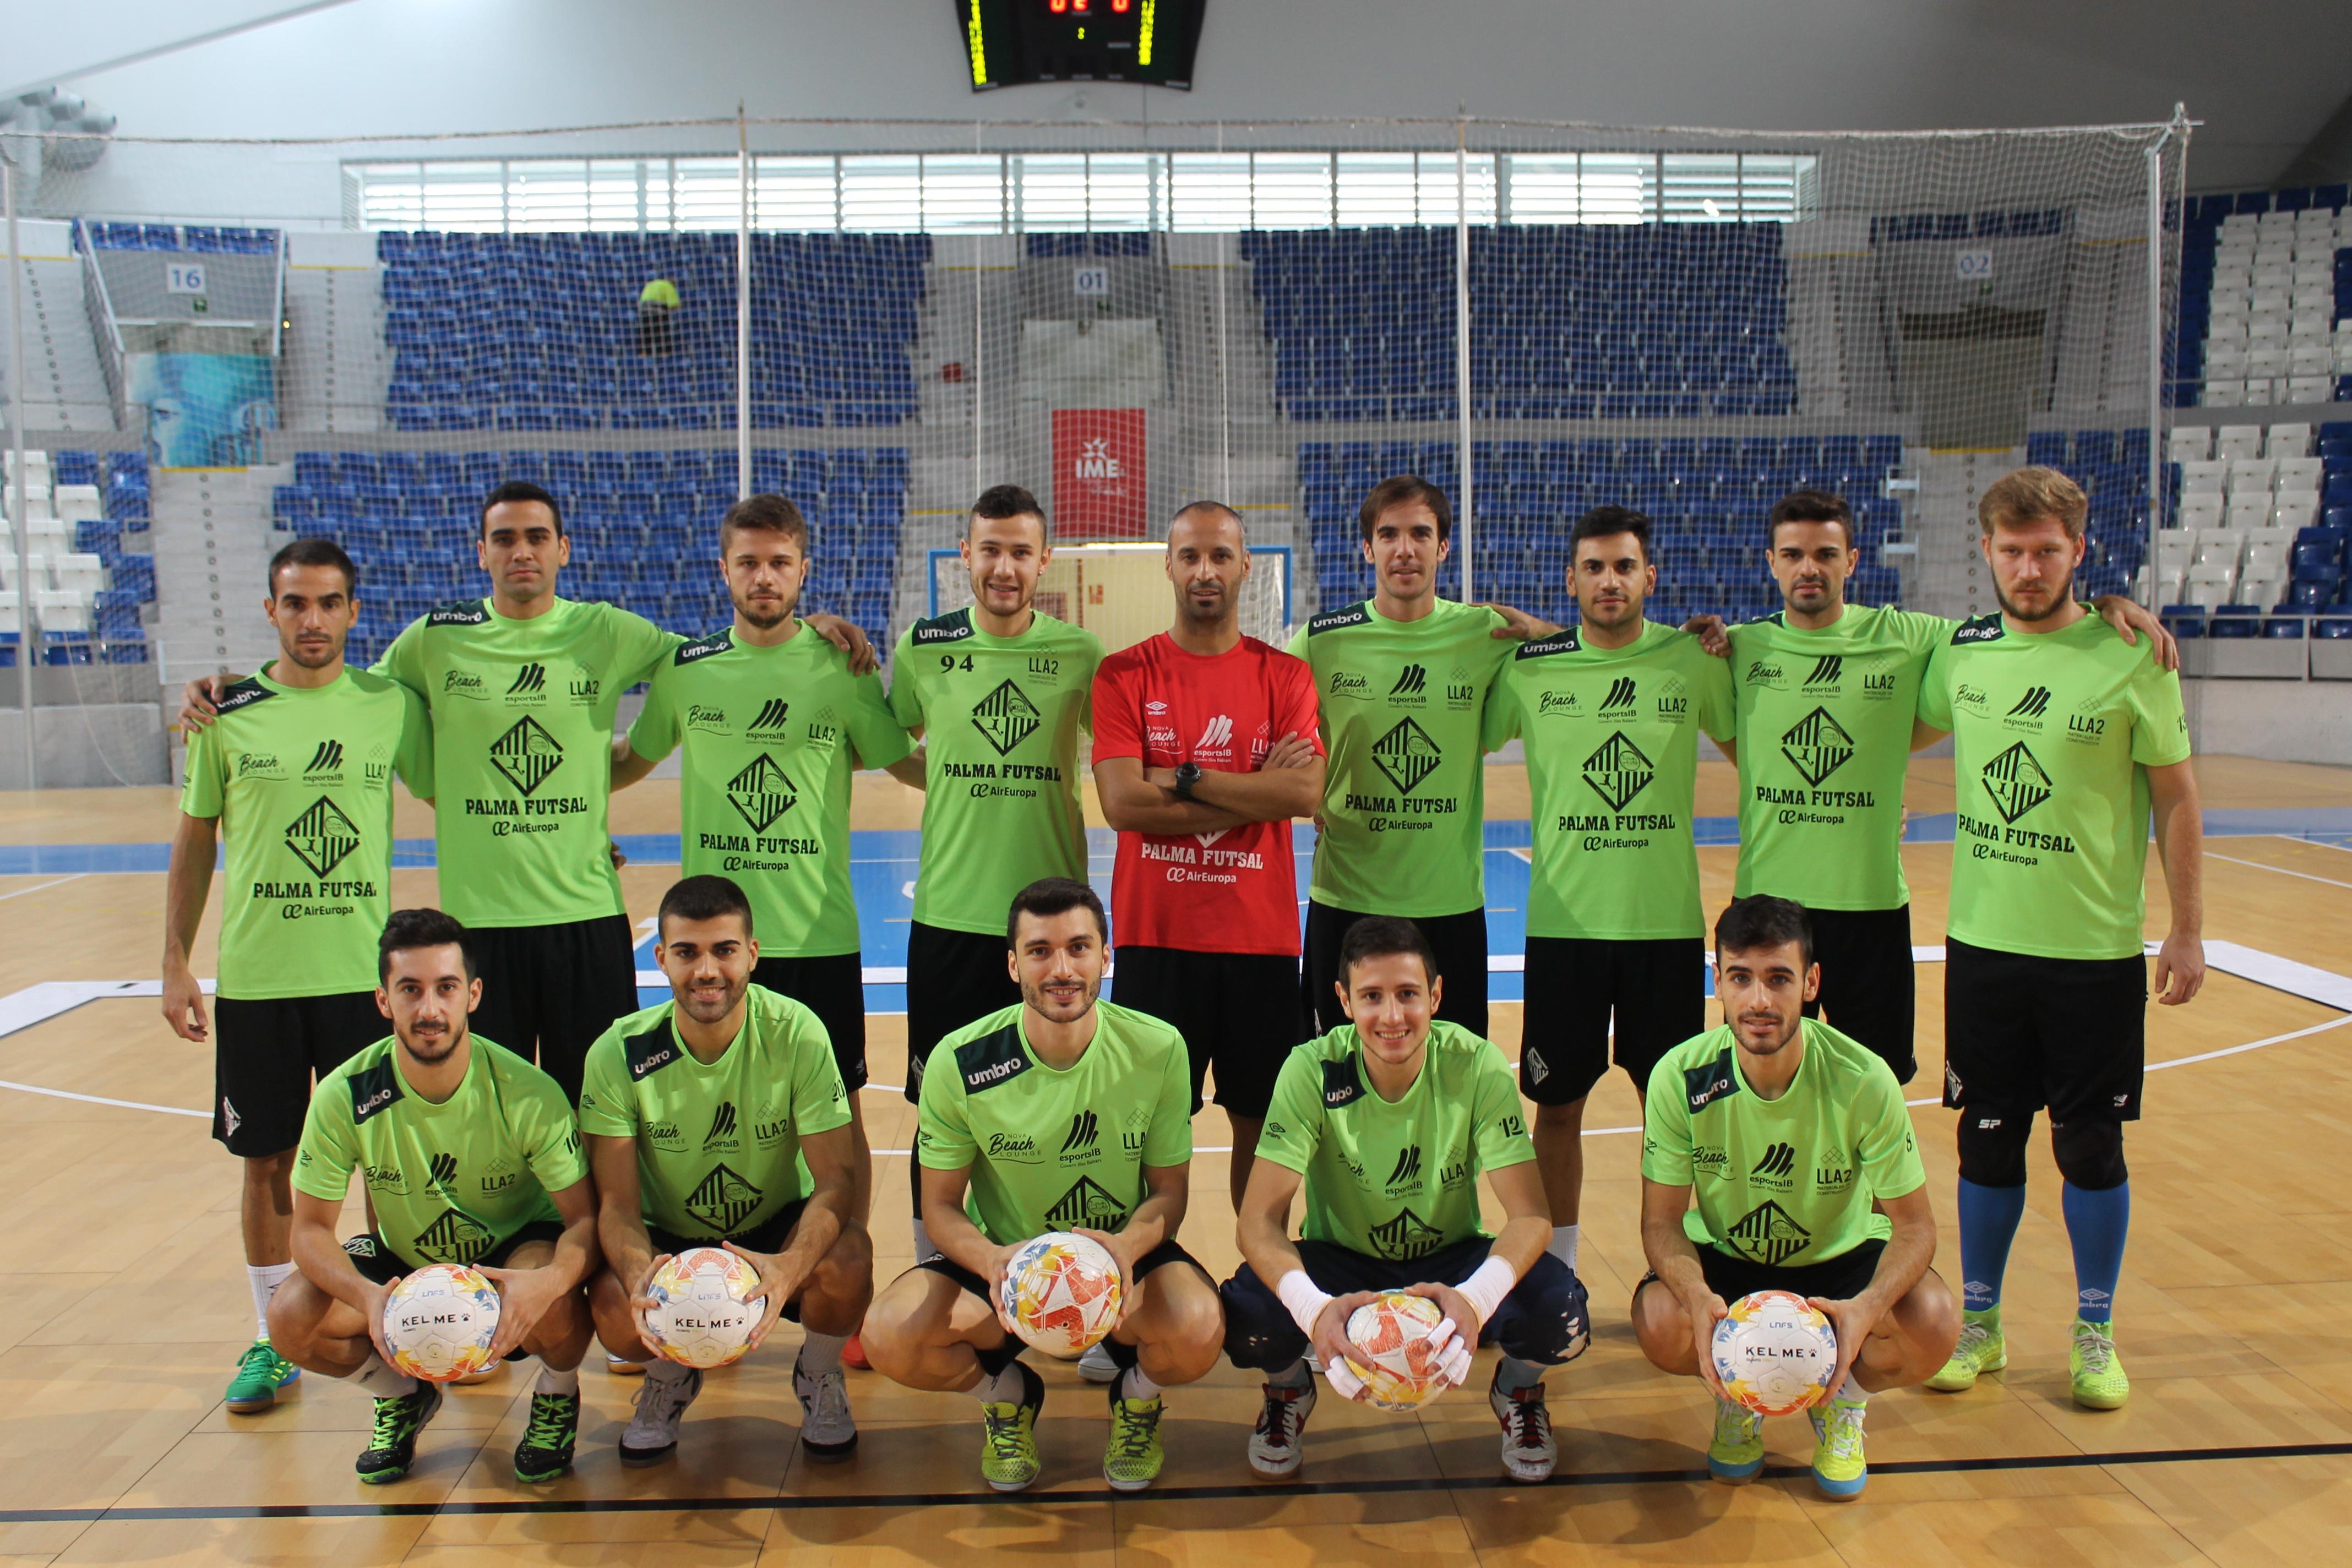 La plantilla del Palma Futsal, esta mañana, en Son Moix